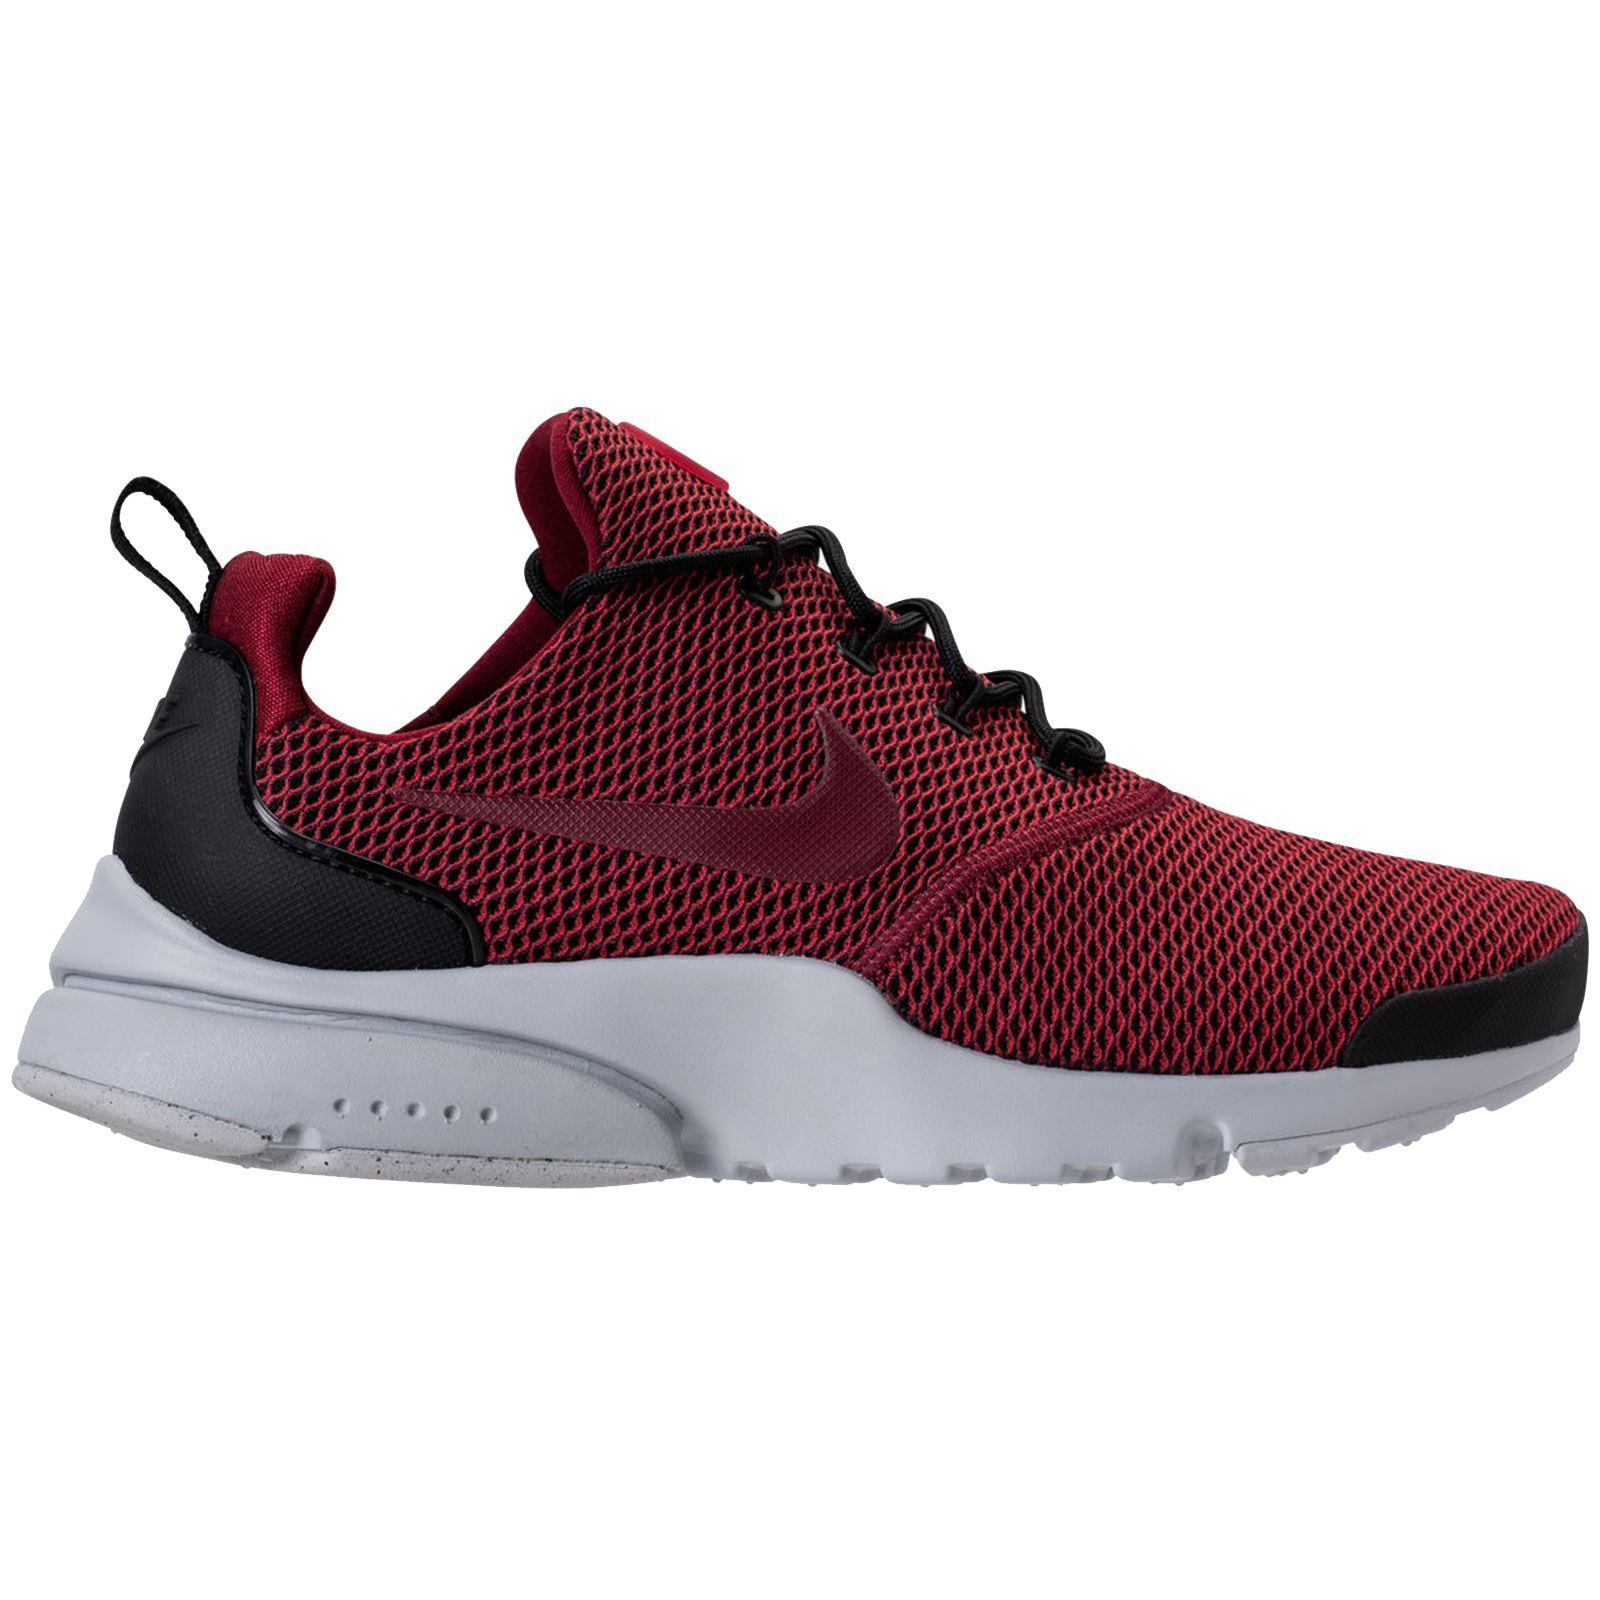 Dettagli su Nike Presto FLY se Nero Rosso Da Uomo Cross Fit Low Top Scarpe Da Ginnastica Athletic scarpe da ginnastica mostra il titolo originale